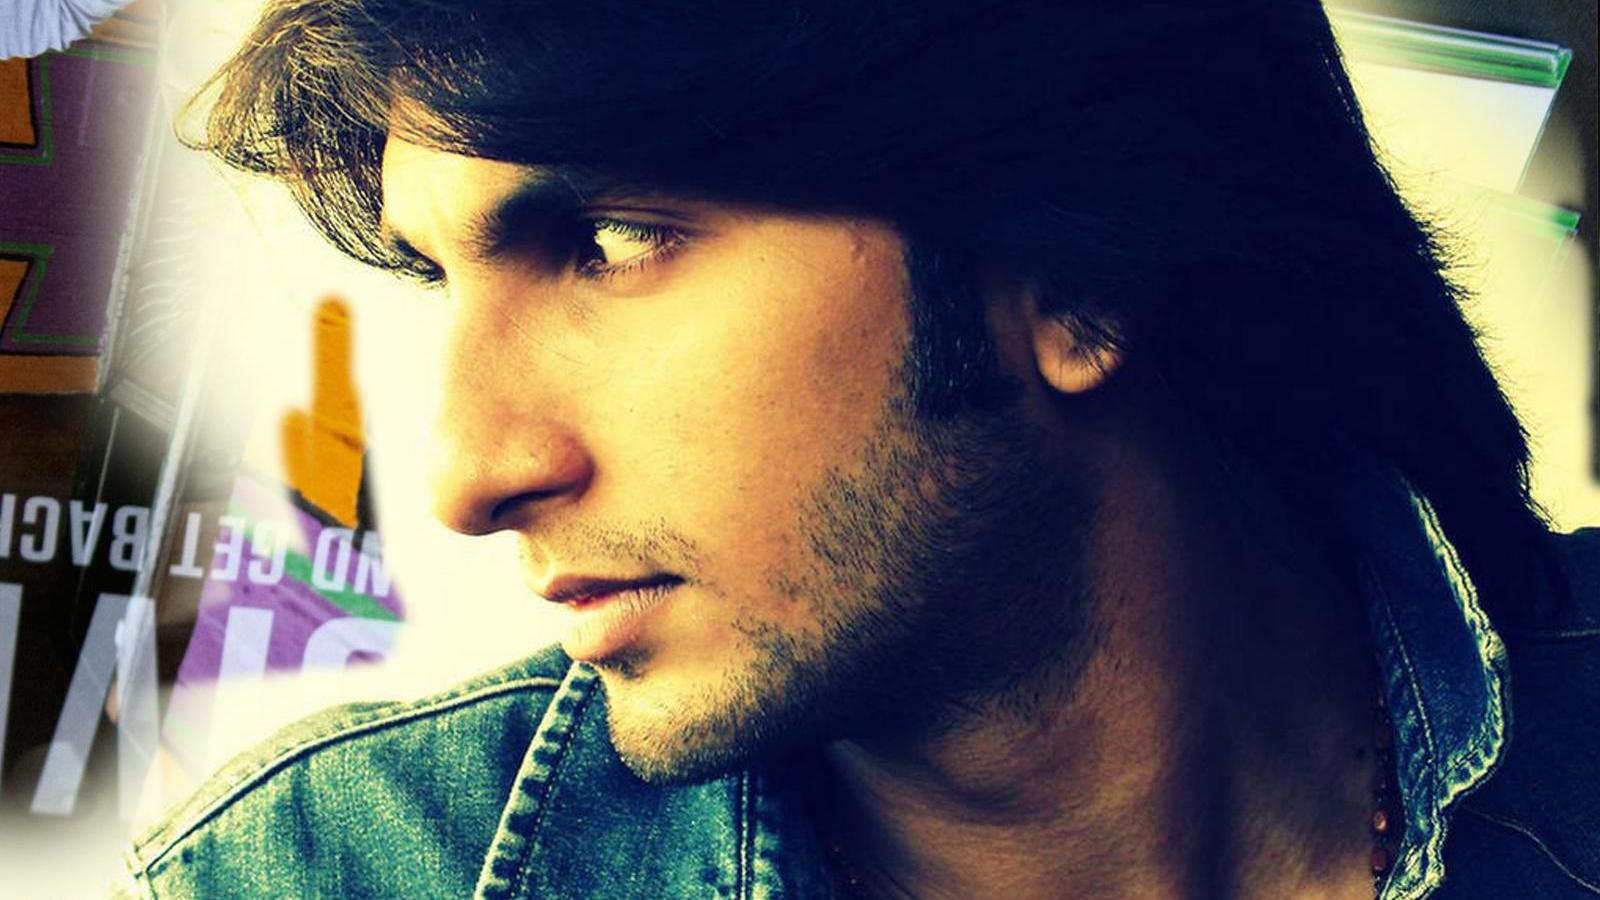 Ranveer Singh Dasing Photoshoot, Full HD Wallpaper